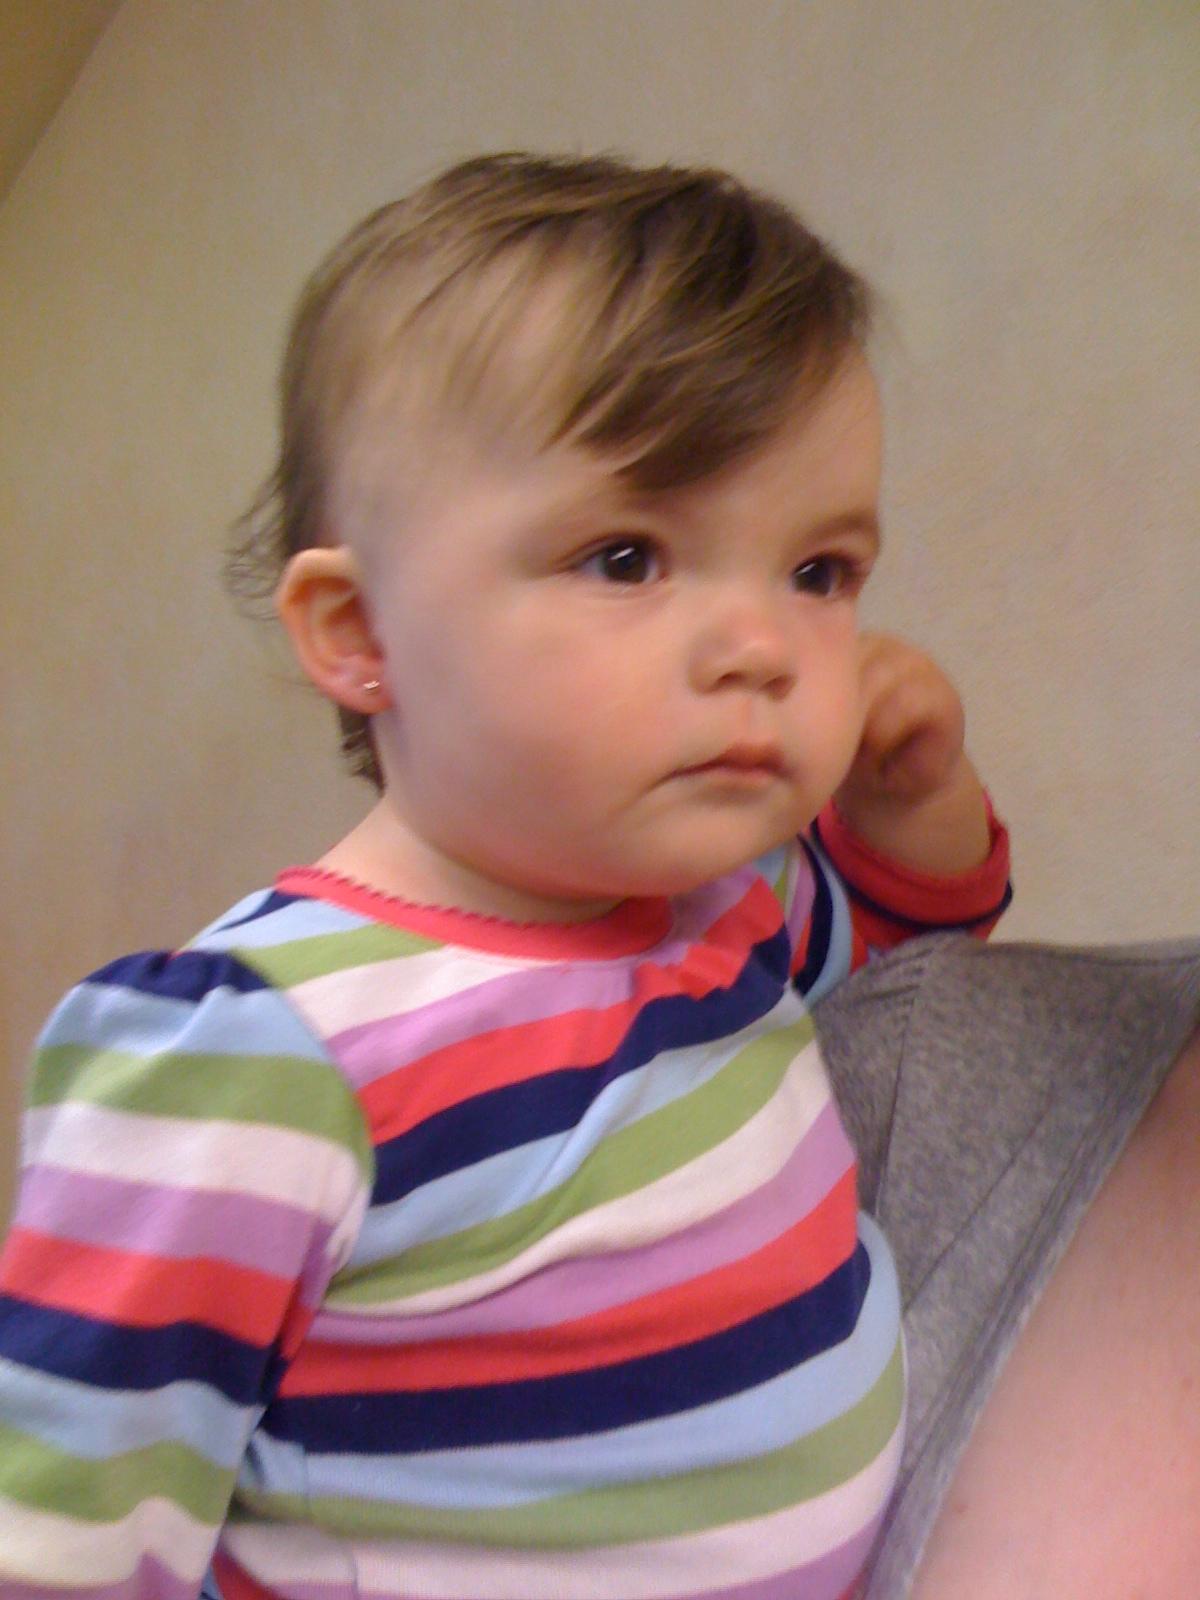 Double Ear Piercing Pearls Baby ear piercing - infant ear Ear Piercing Tumblr